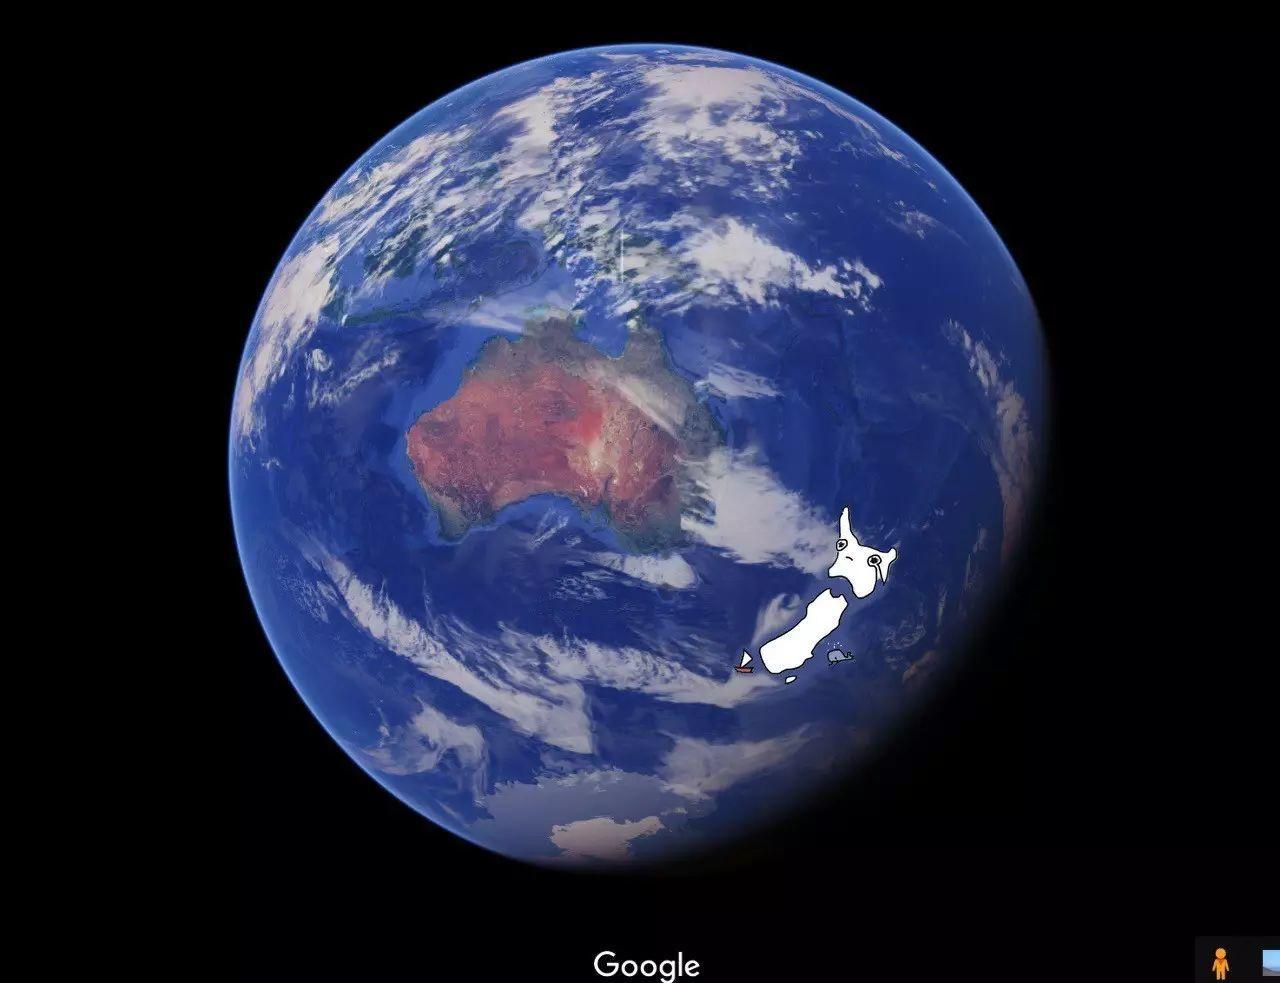 新西兰,全世界最委屈巴巴的国家:你们太过份了!